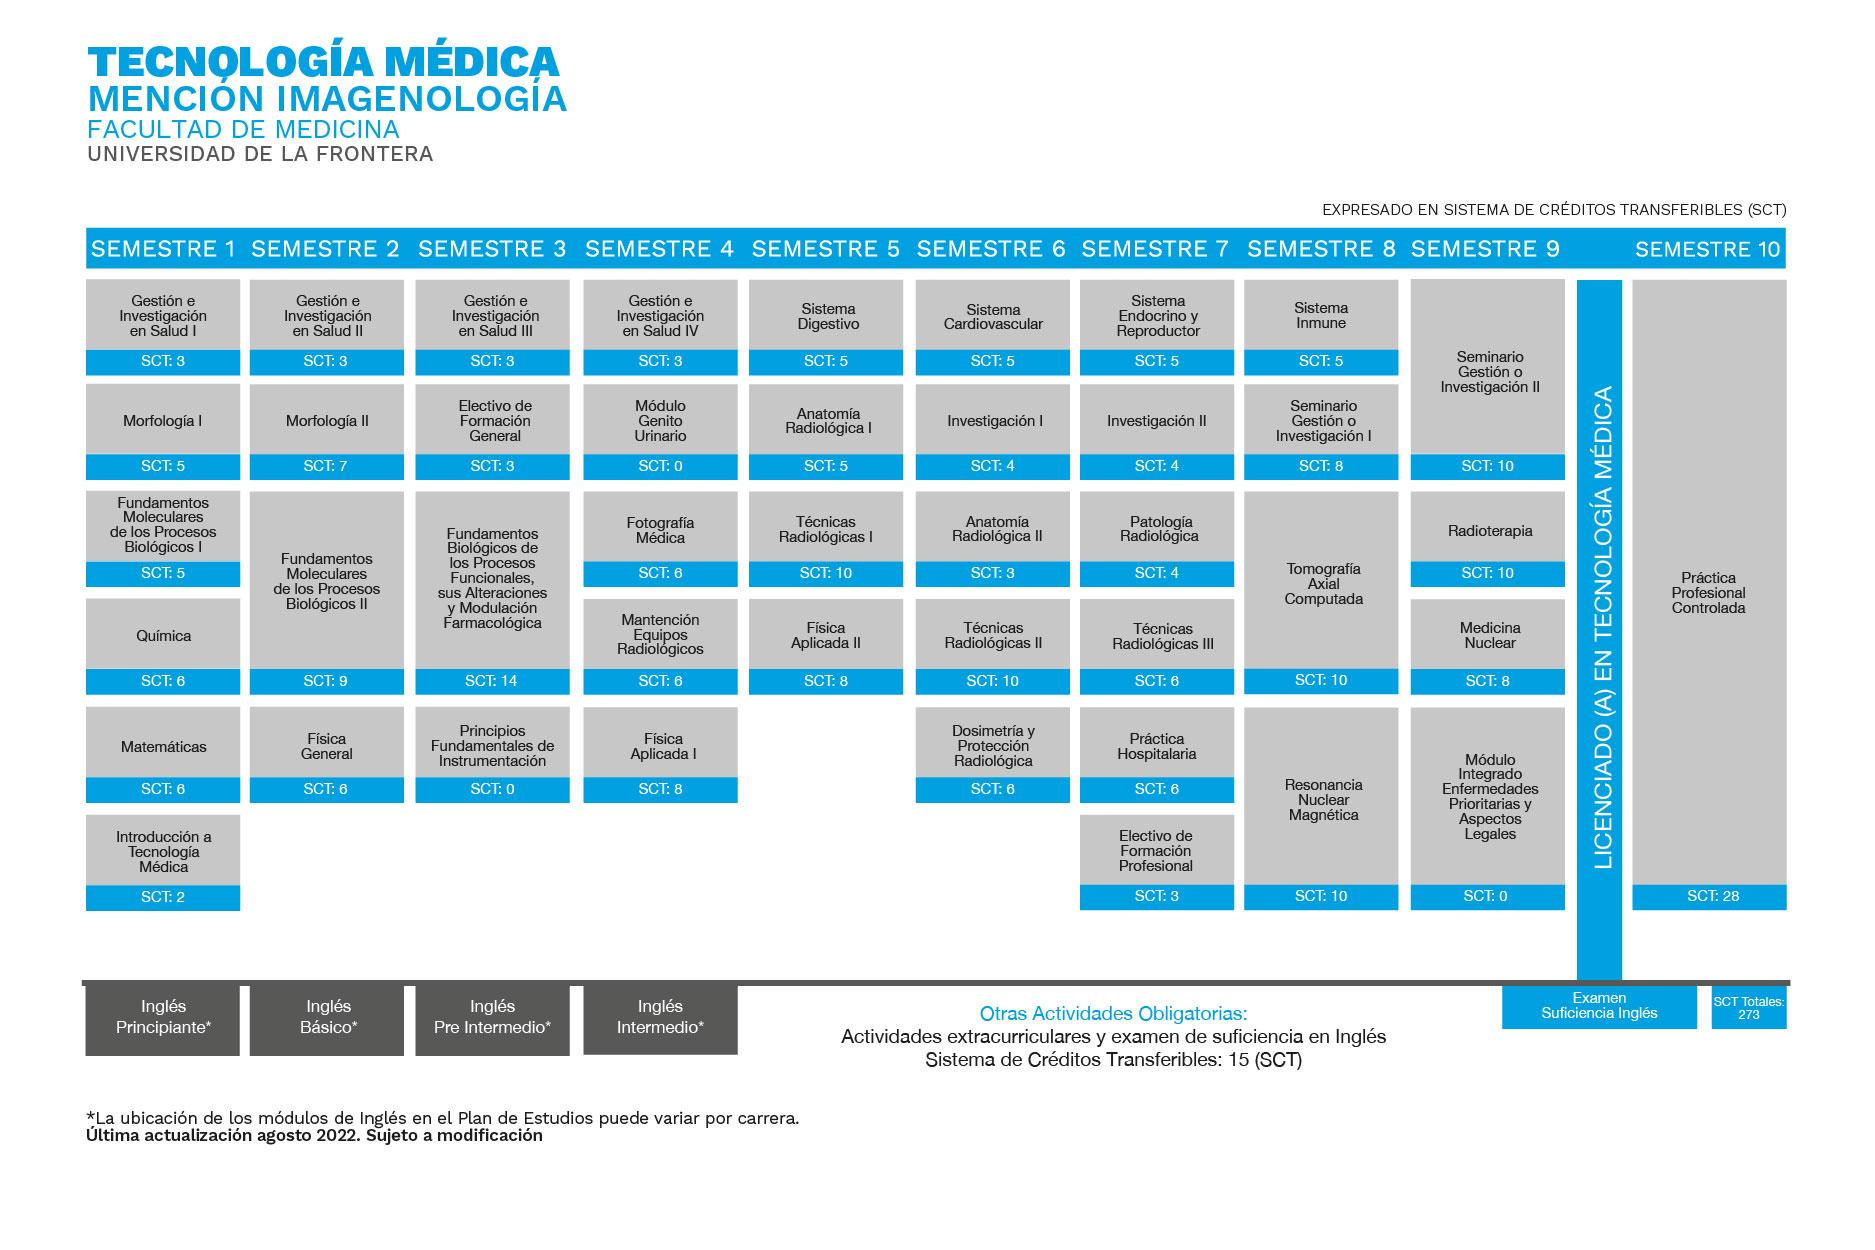 Plan de Estudios Tecnología Médica Universidad de La Frontera